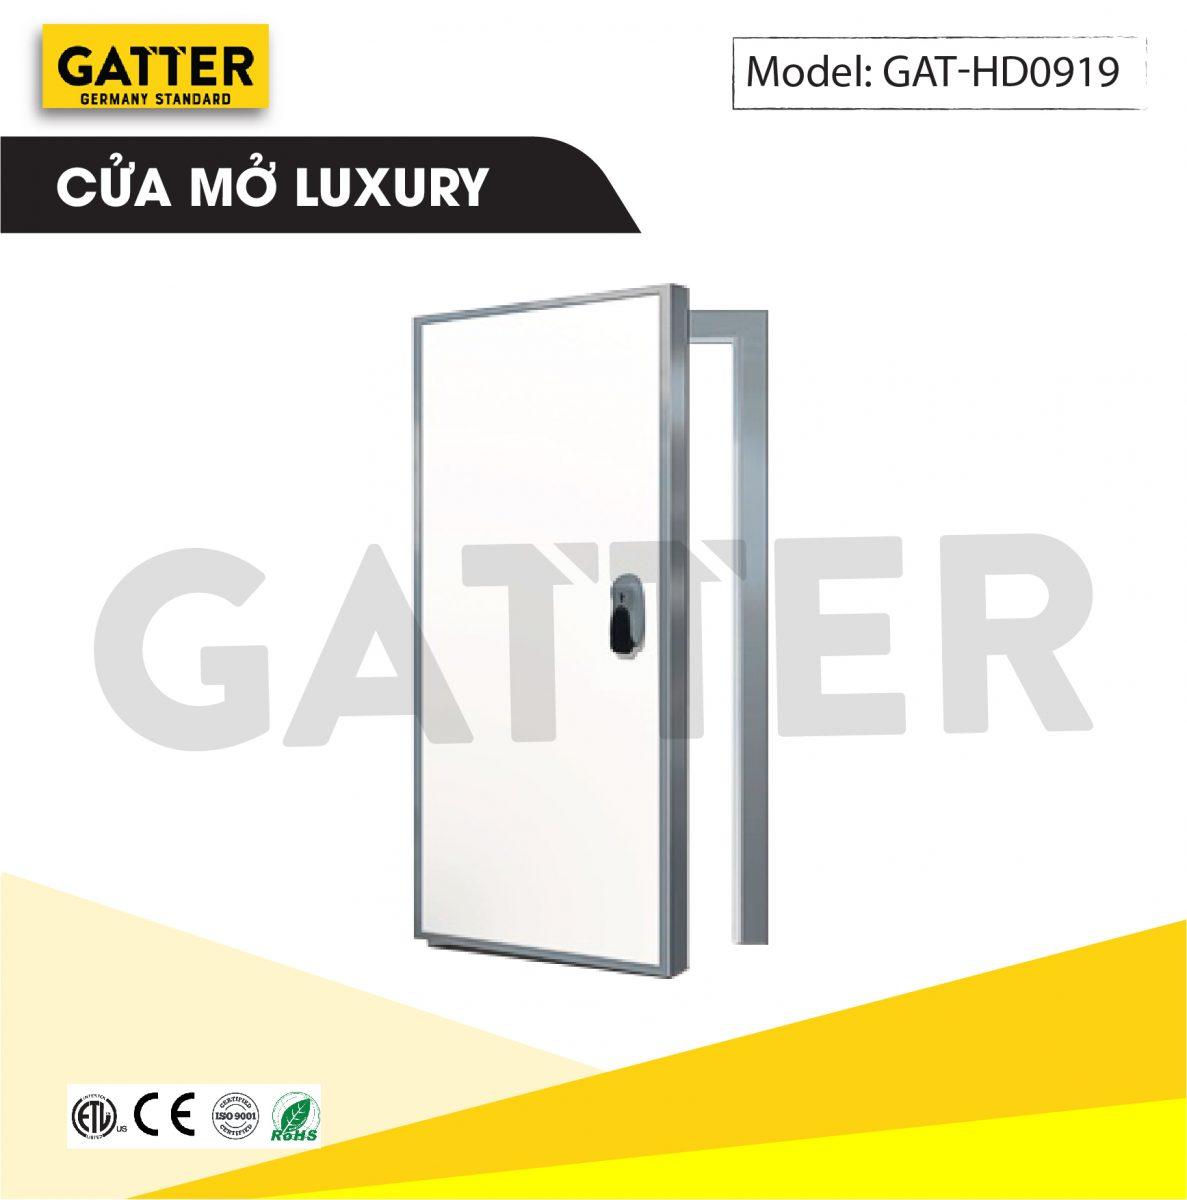 Cửa mở kho lạnh cao cấp Luxury GAT-HD/0919